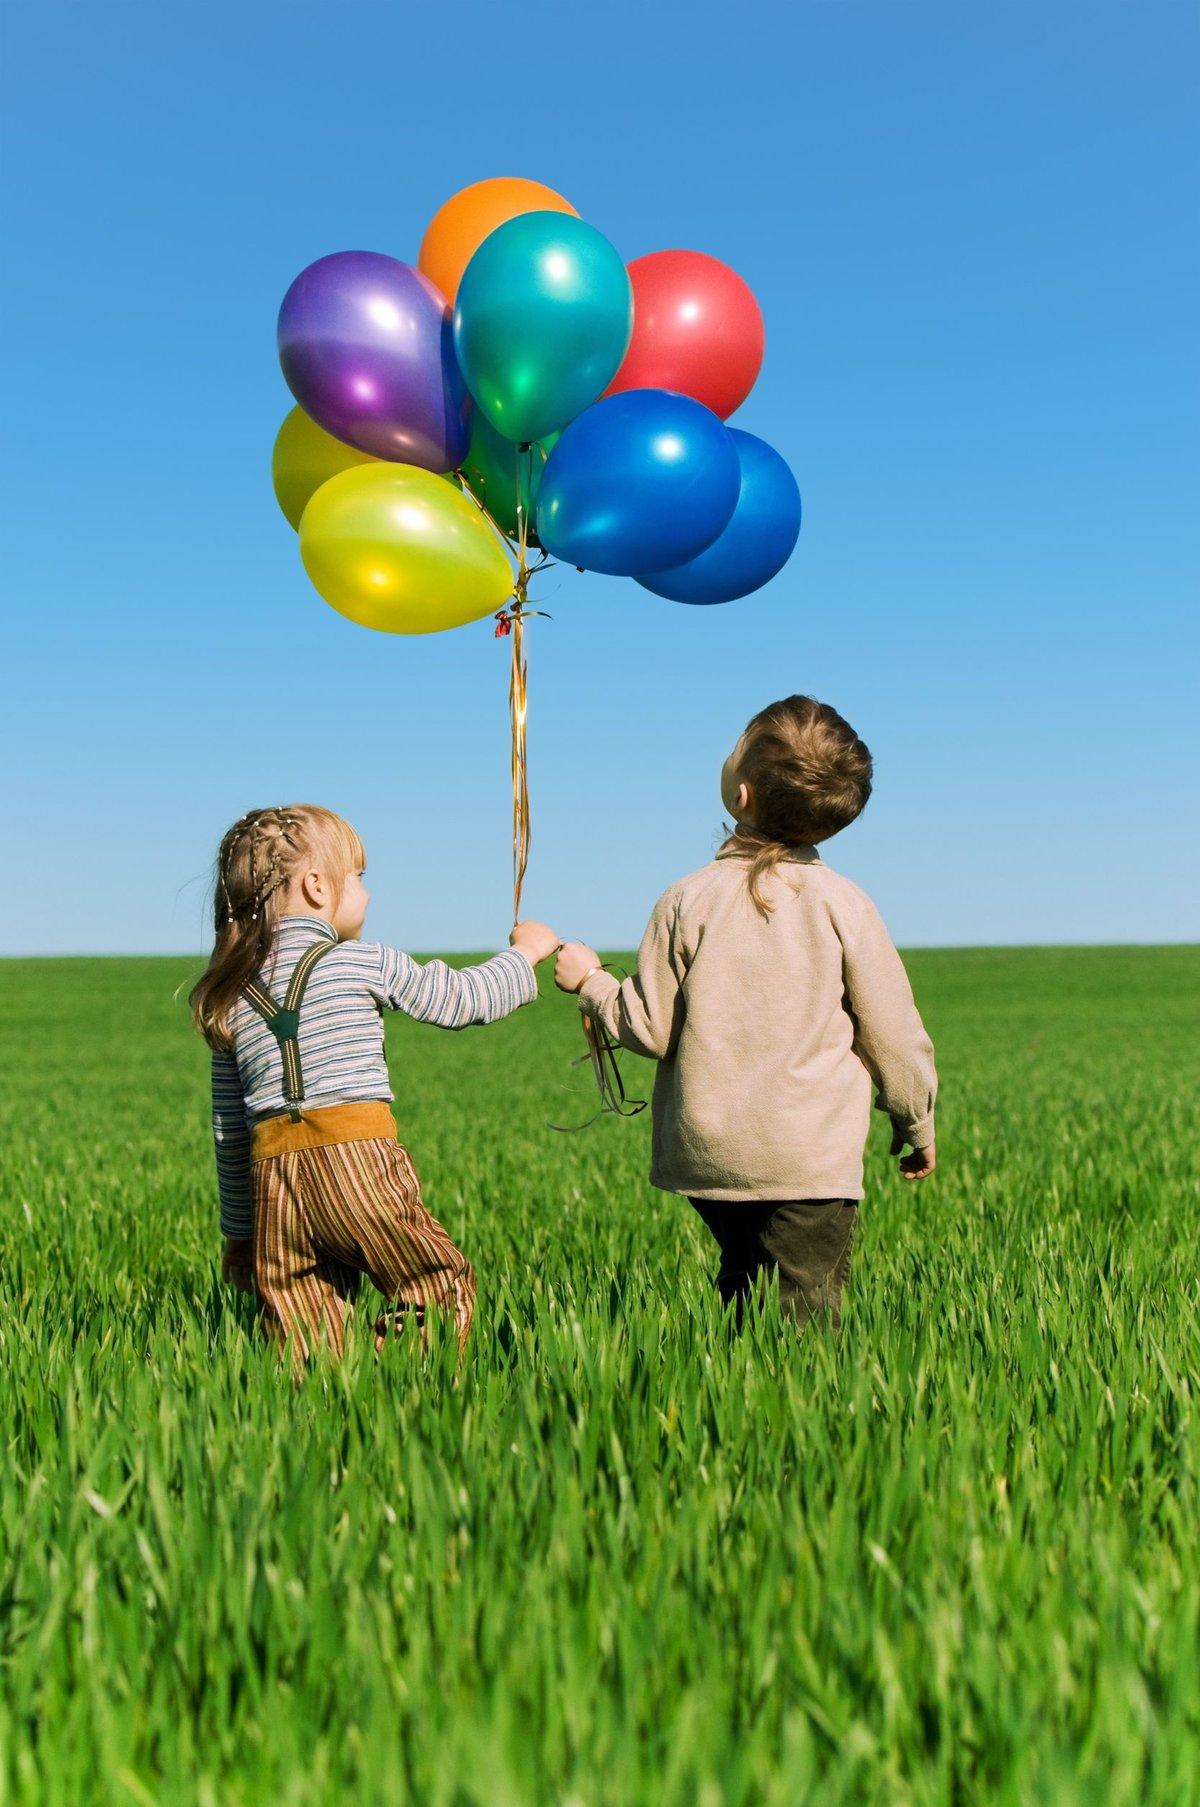 Картинка дети с шариками, анимационные добрым